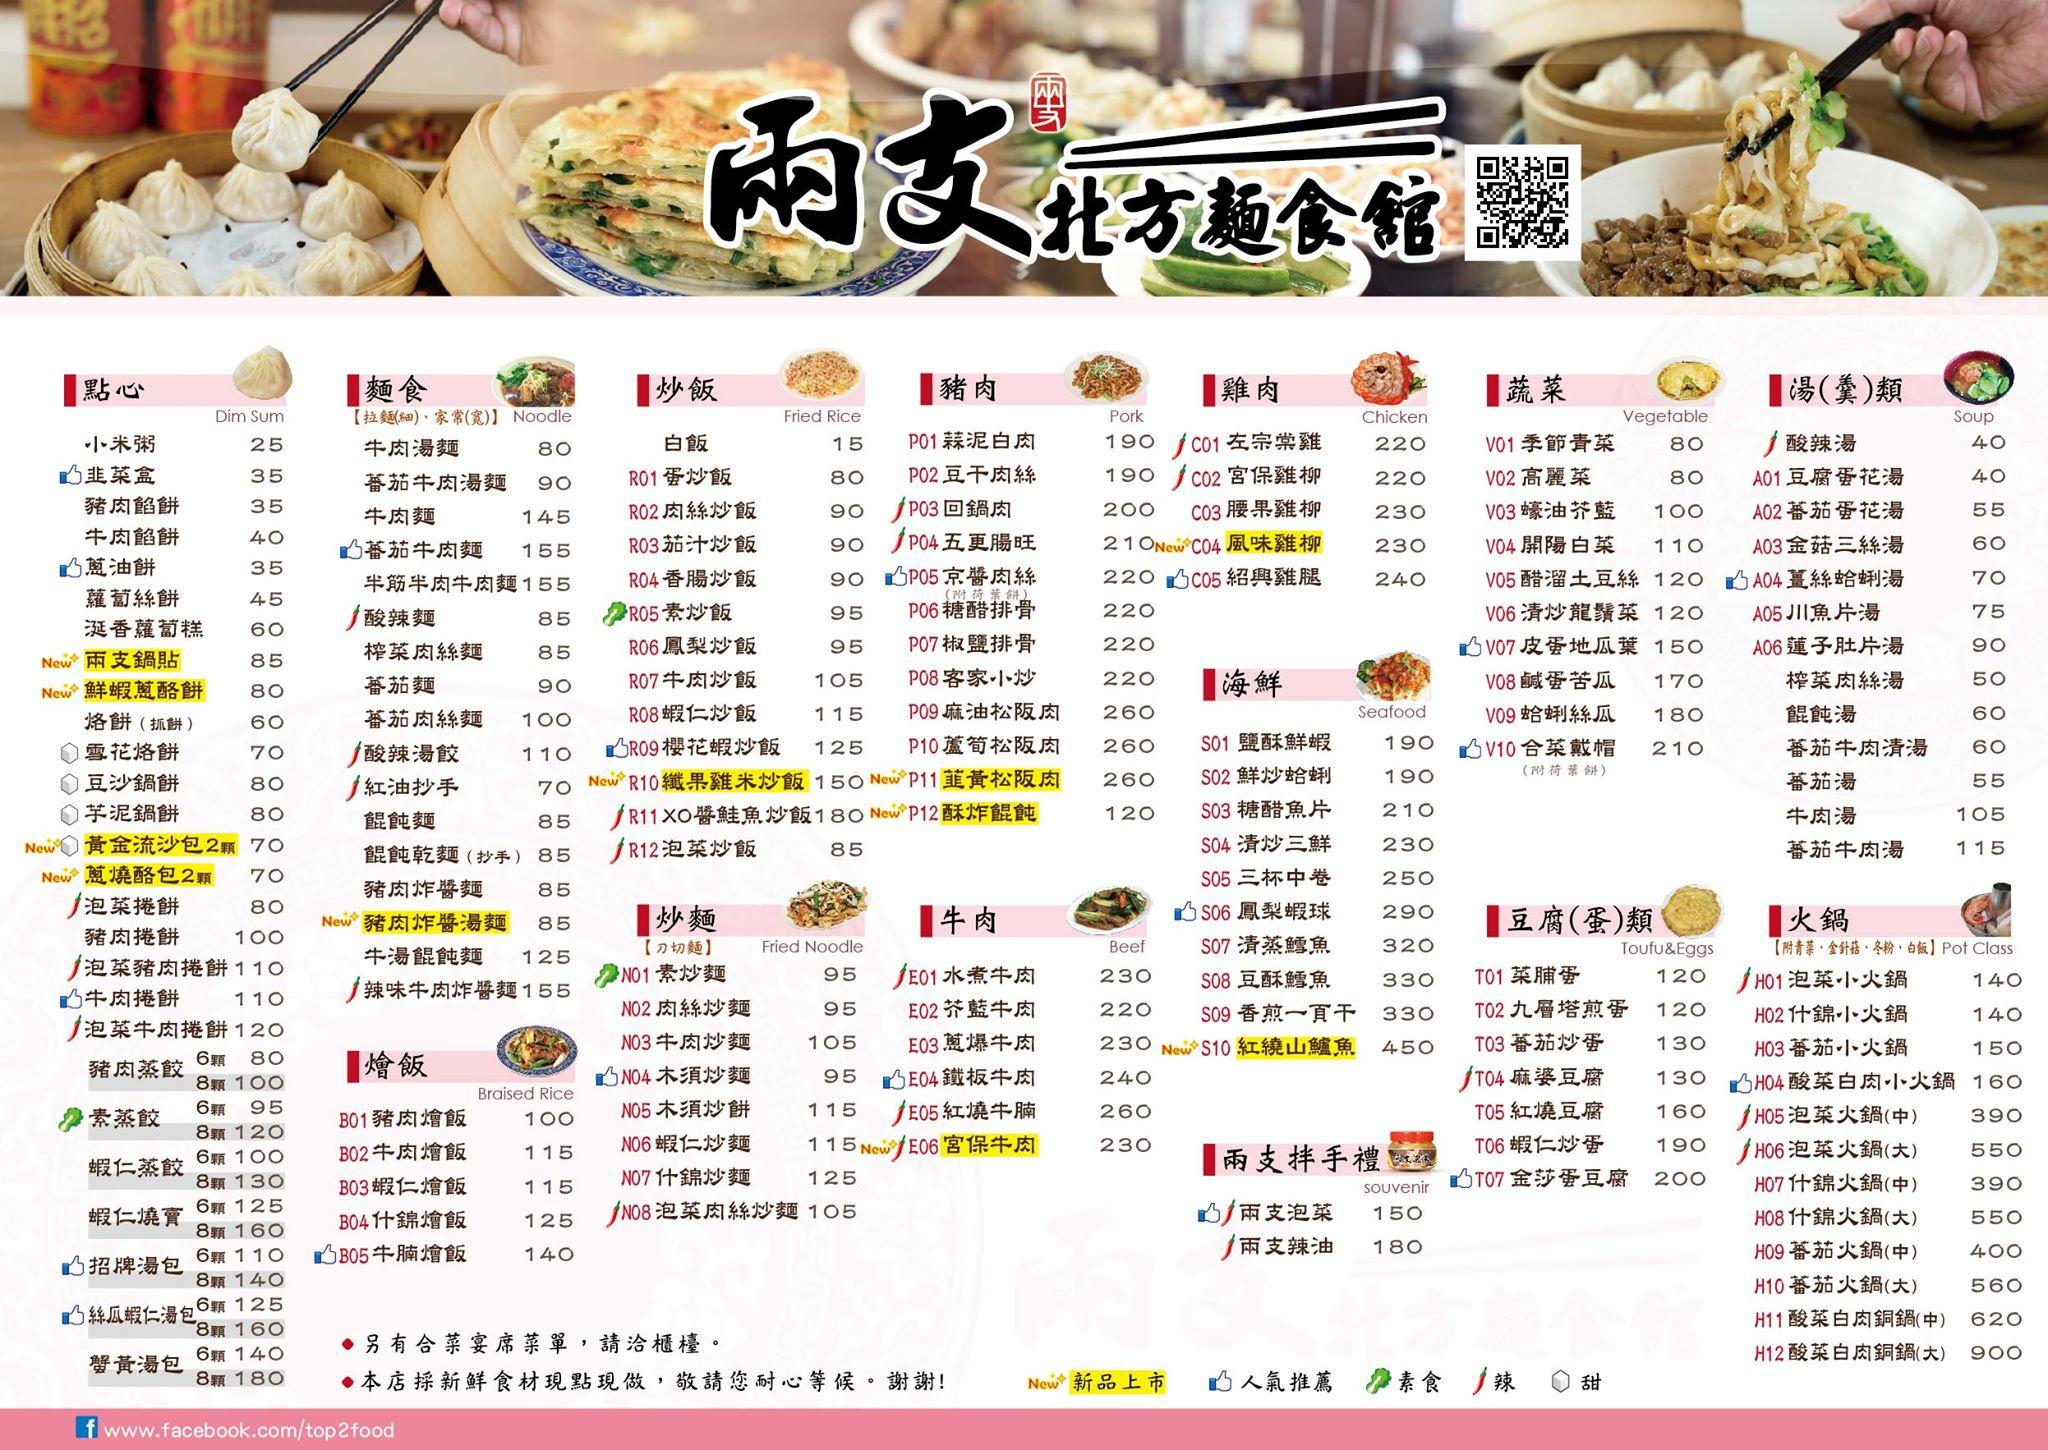 兩支北方麵食館菜單MENU